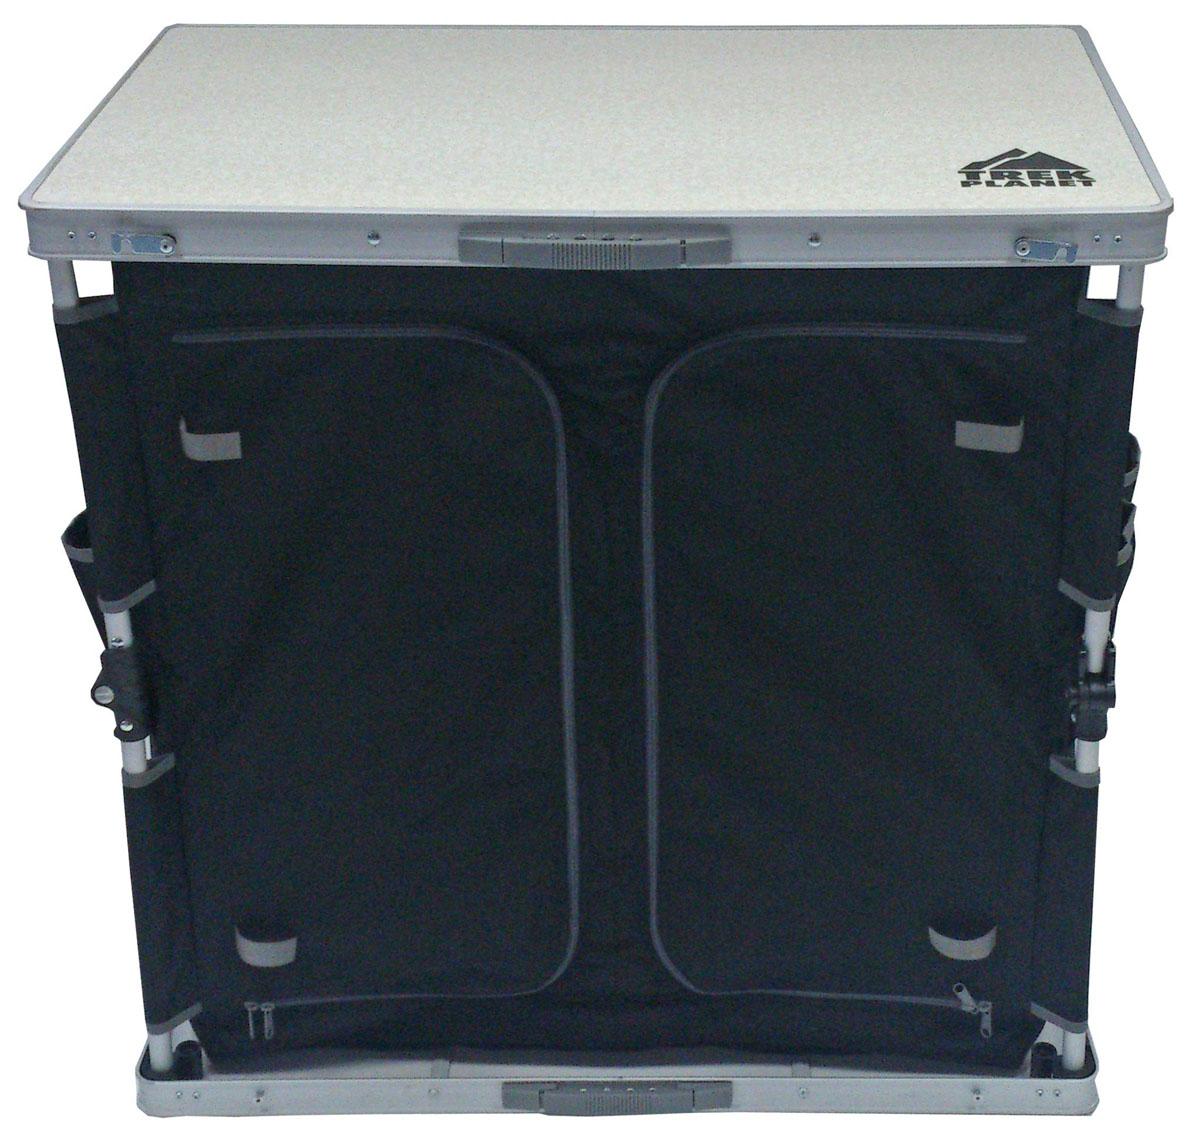 Cтол-шкаф TREK PLANET двухсекционный складной AC-585D